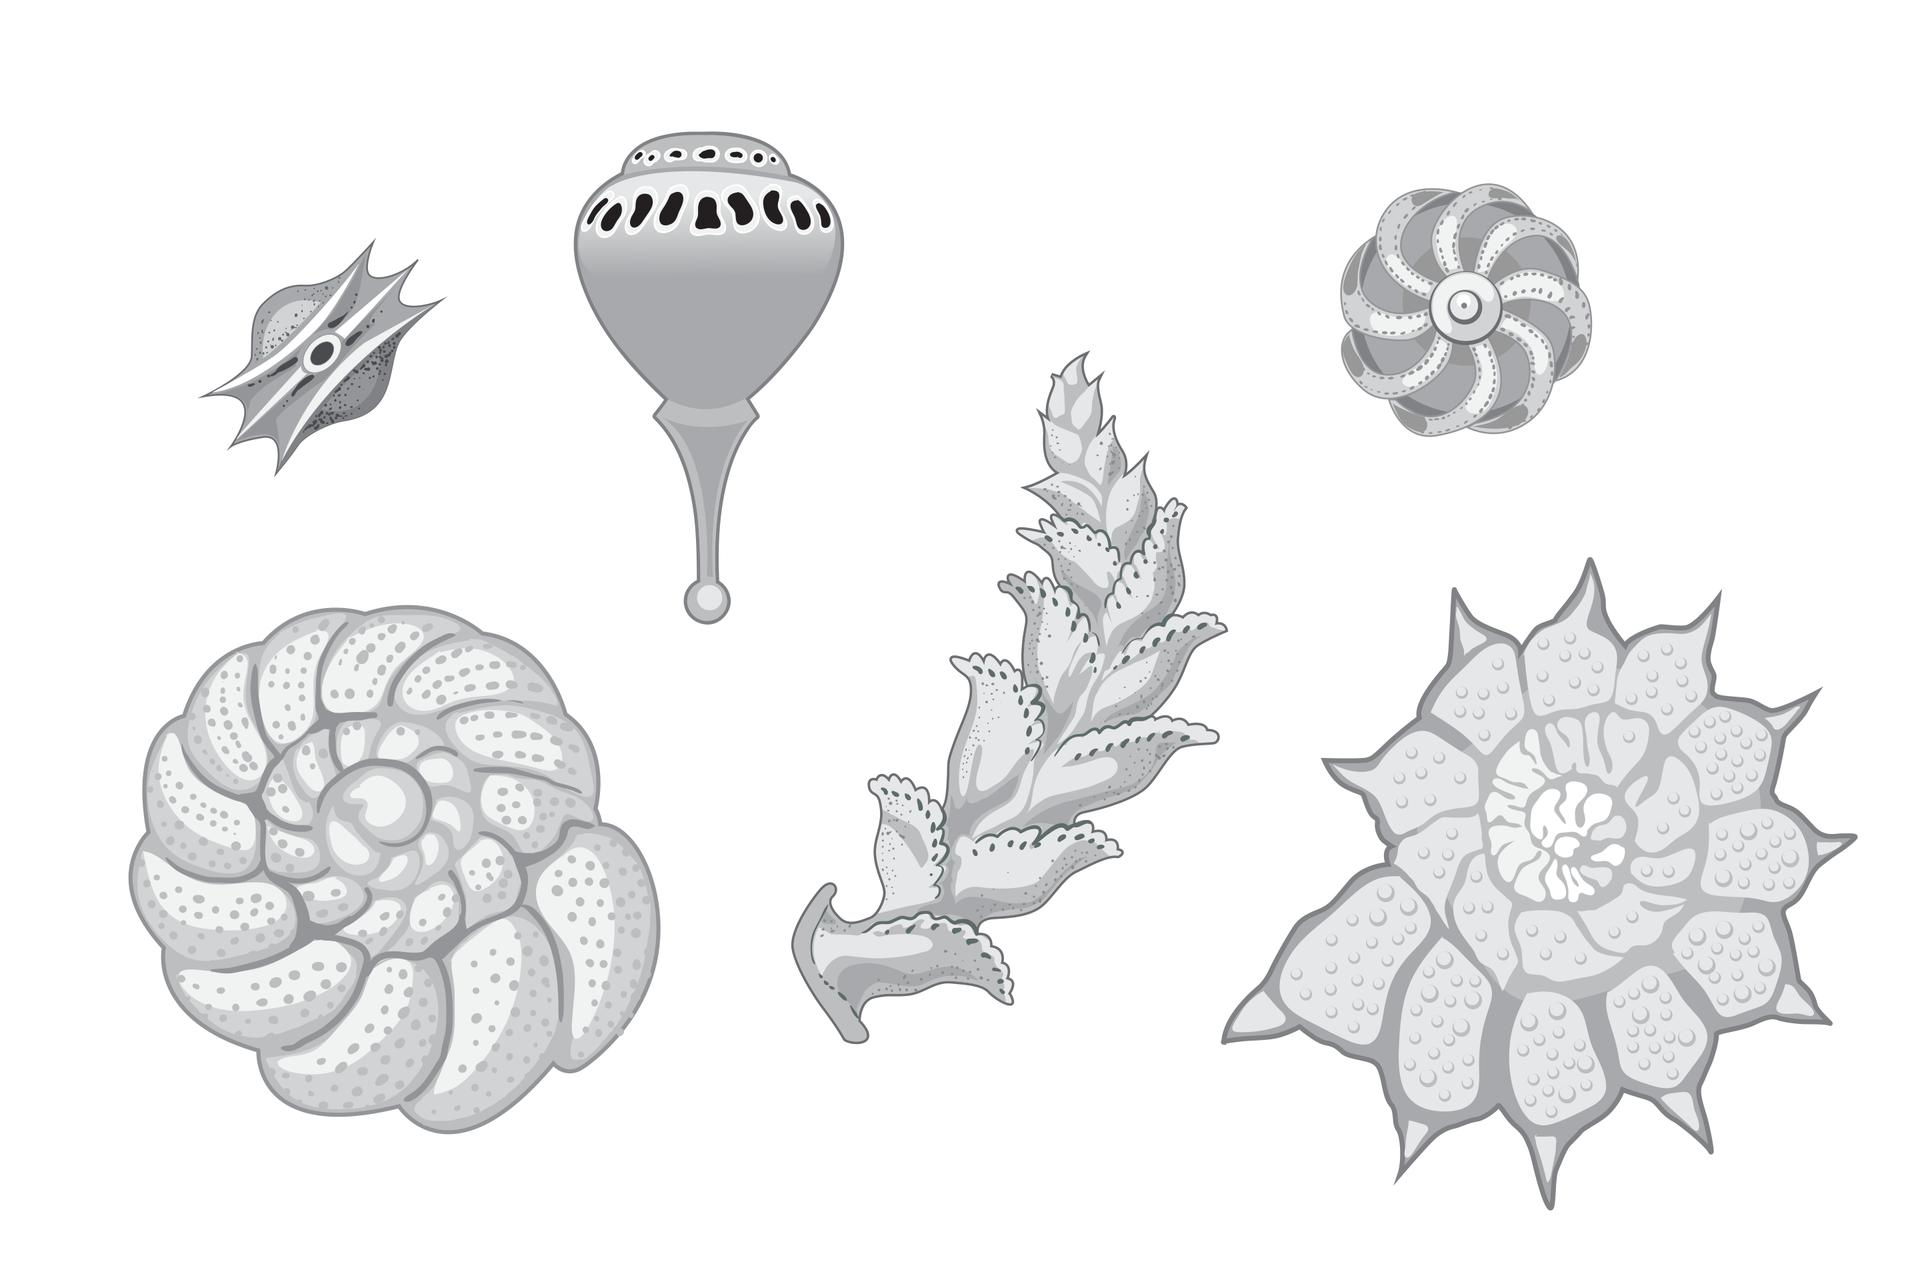 Ilustracja przedstawia sześć pancerzyków otwornic. Są to wapienne szkielety zewnętrzne oróżnej wielkości ikształcie.